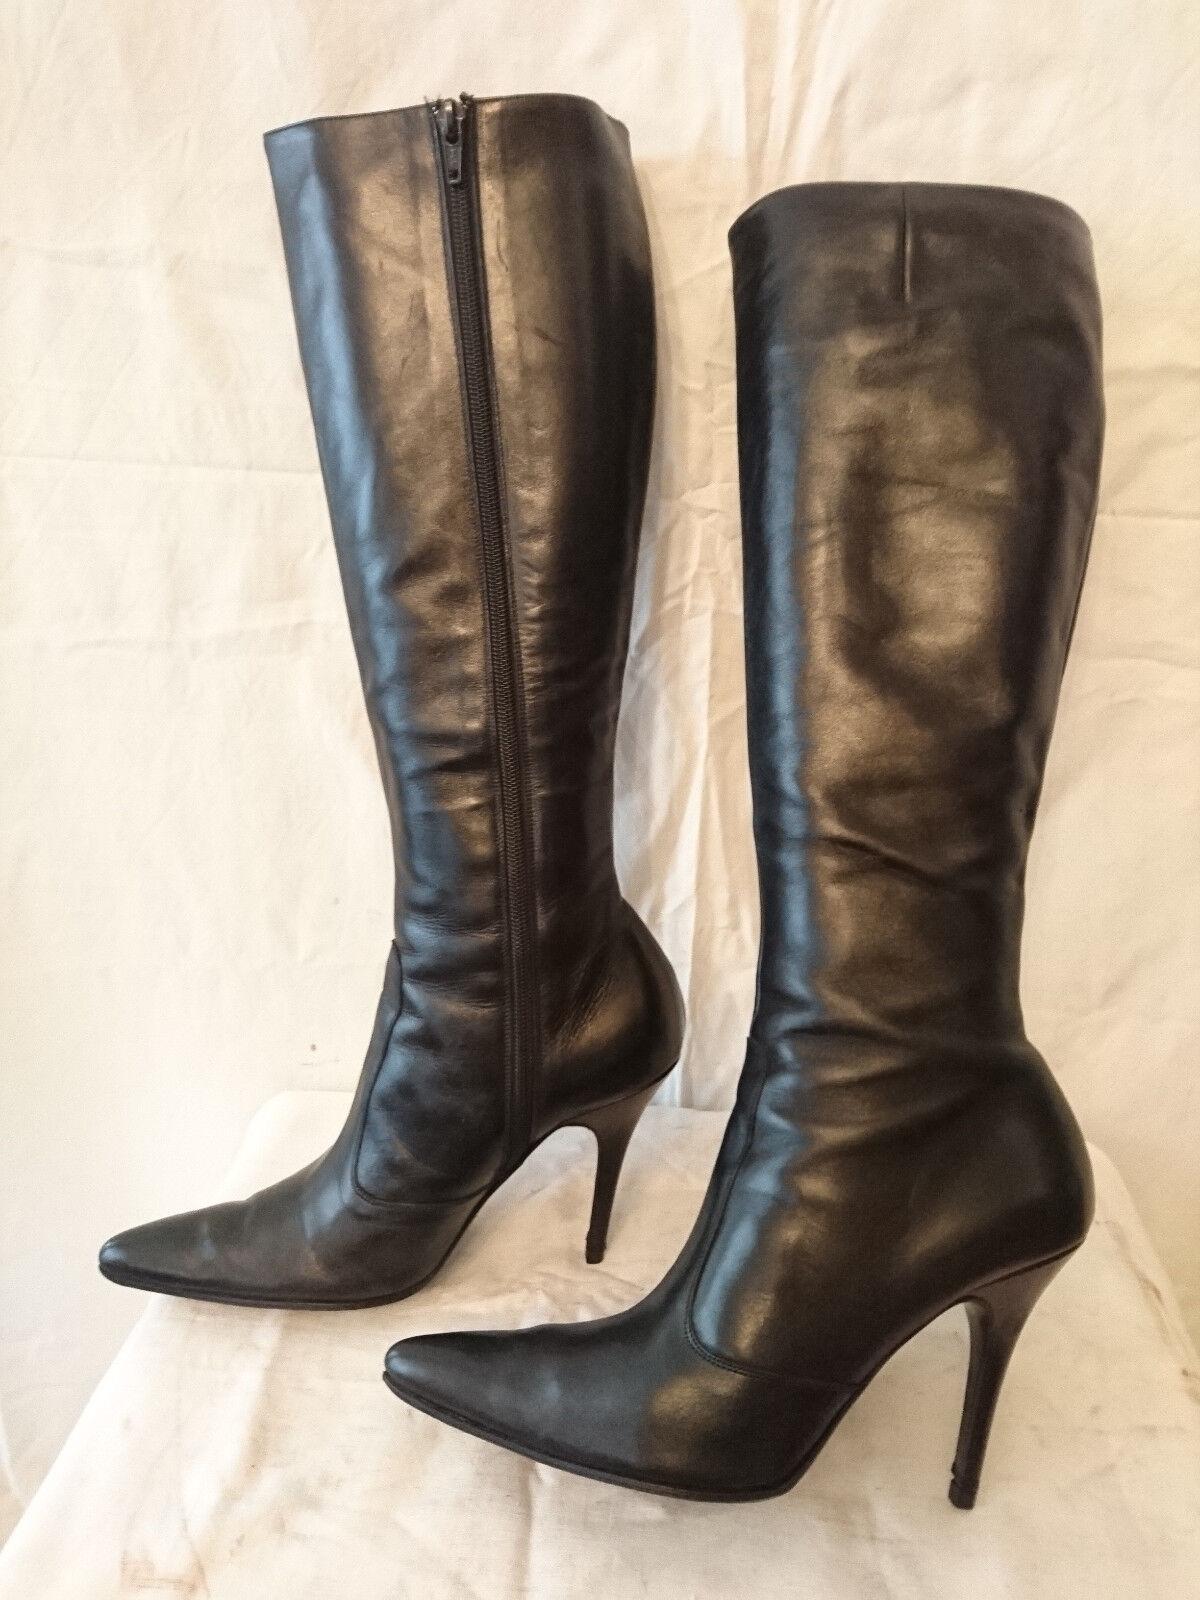 botas años 2000  Negro  - zapatos BIZZ París T. 5,5 - 38,5